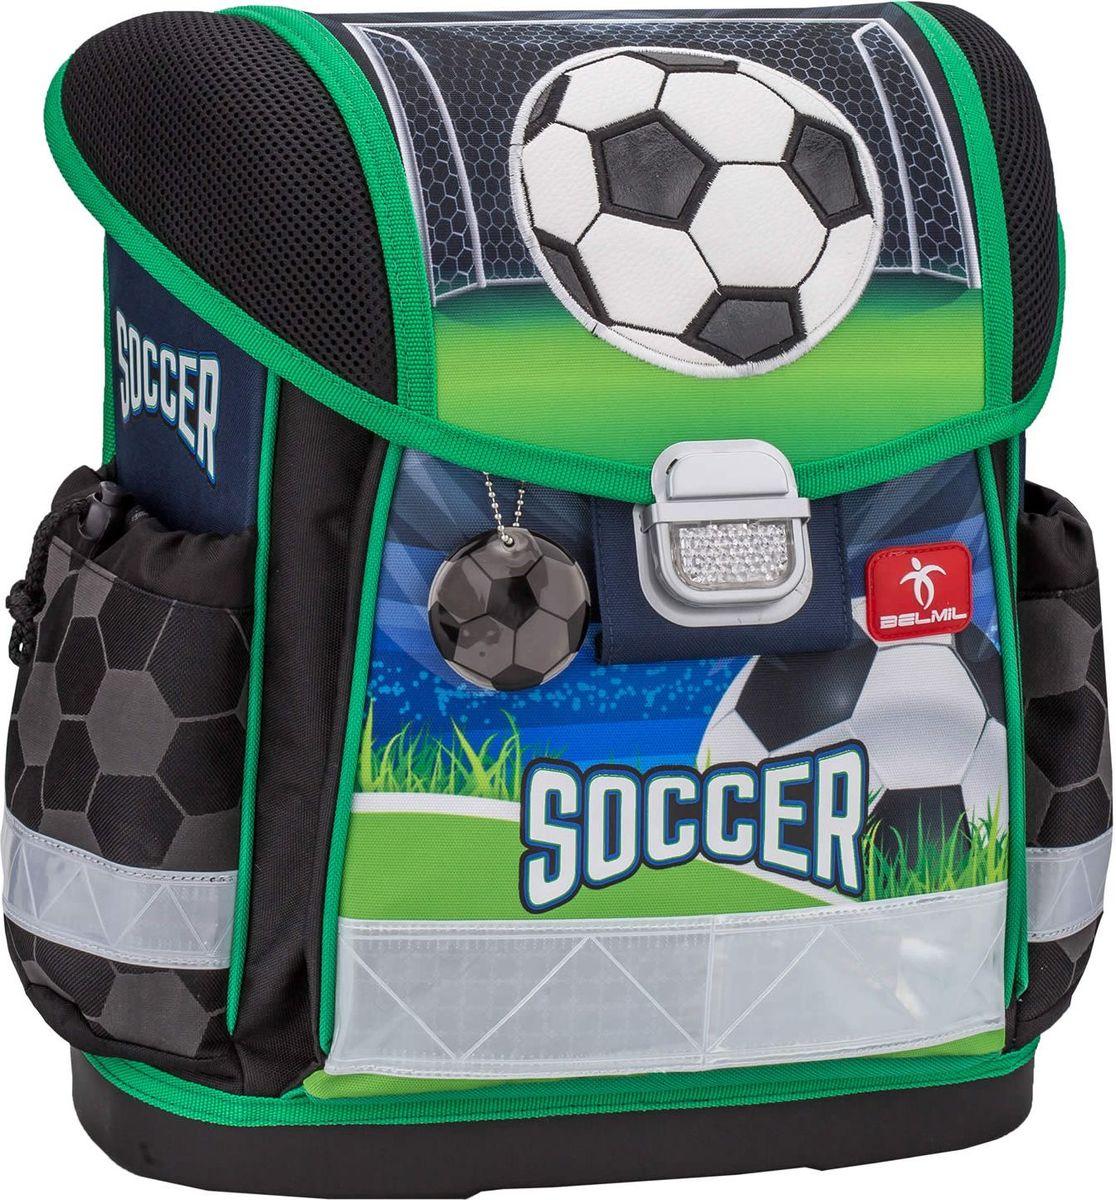 Belmil Ранец школьный для мальчика Classy Soccer